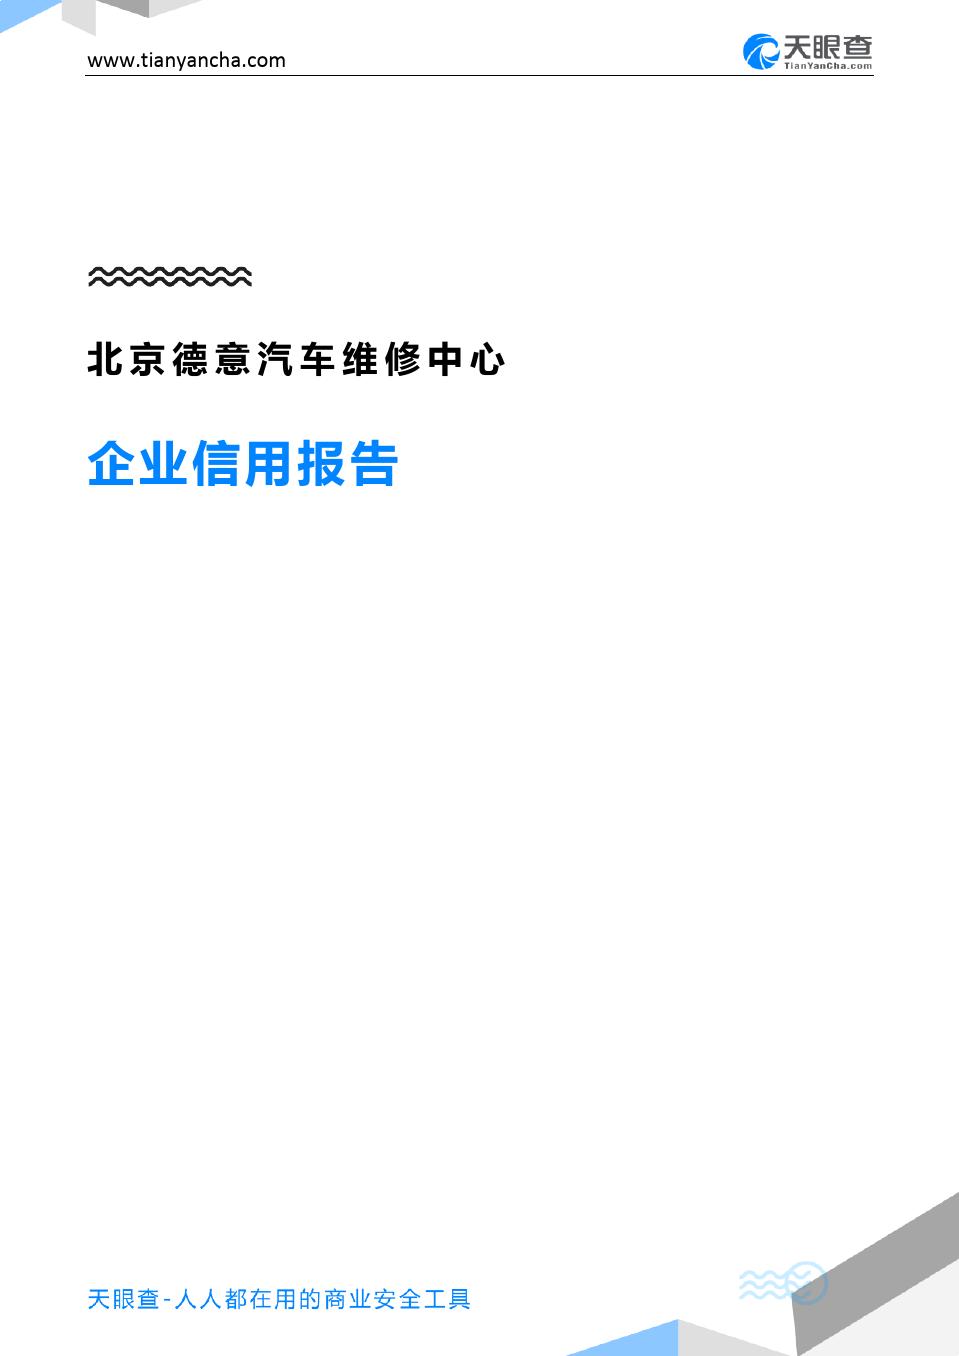 北京德意汽车维修中心(企业信用报告)- 天眼查